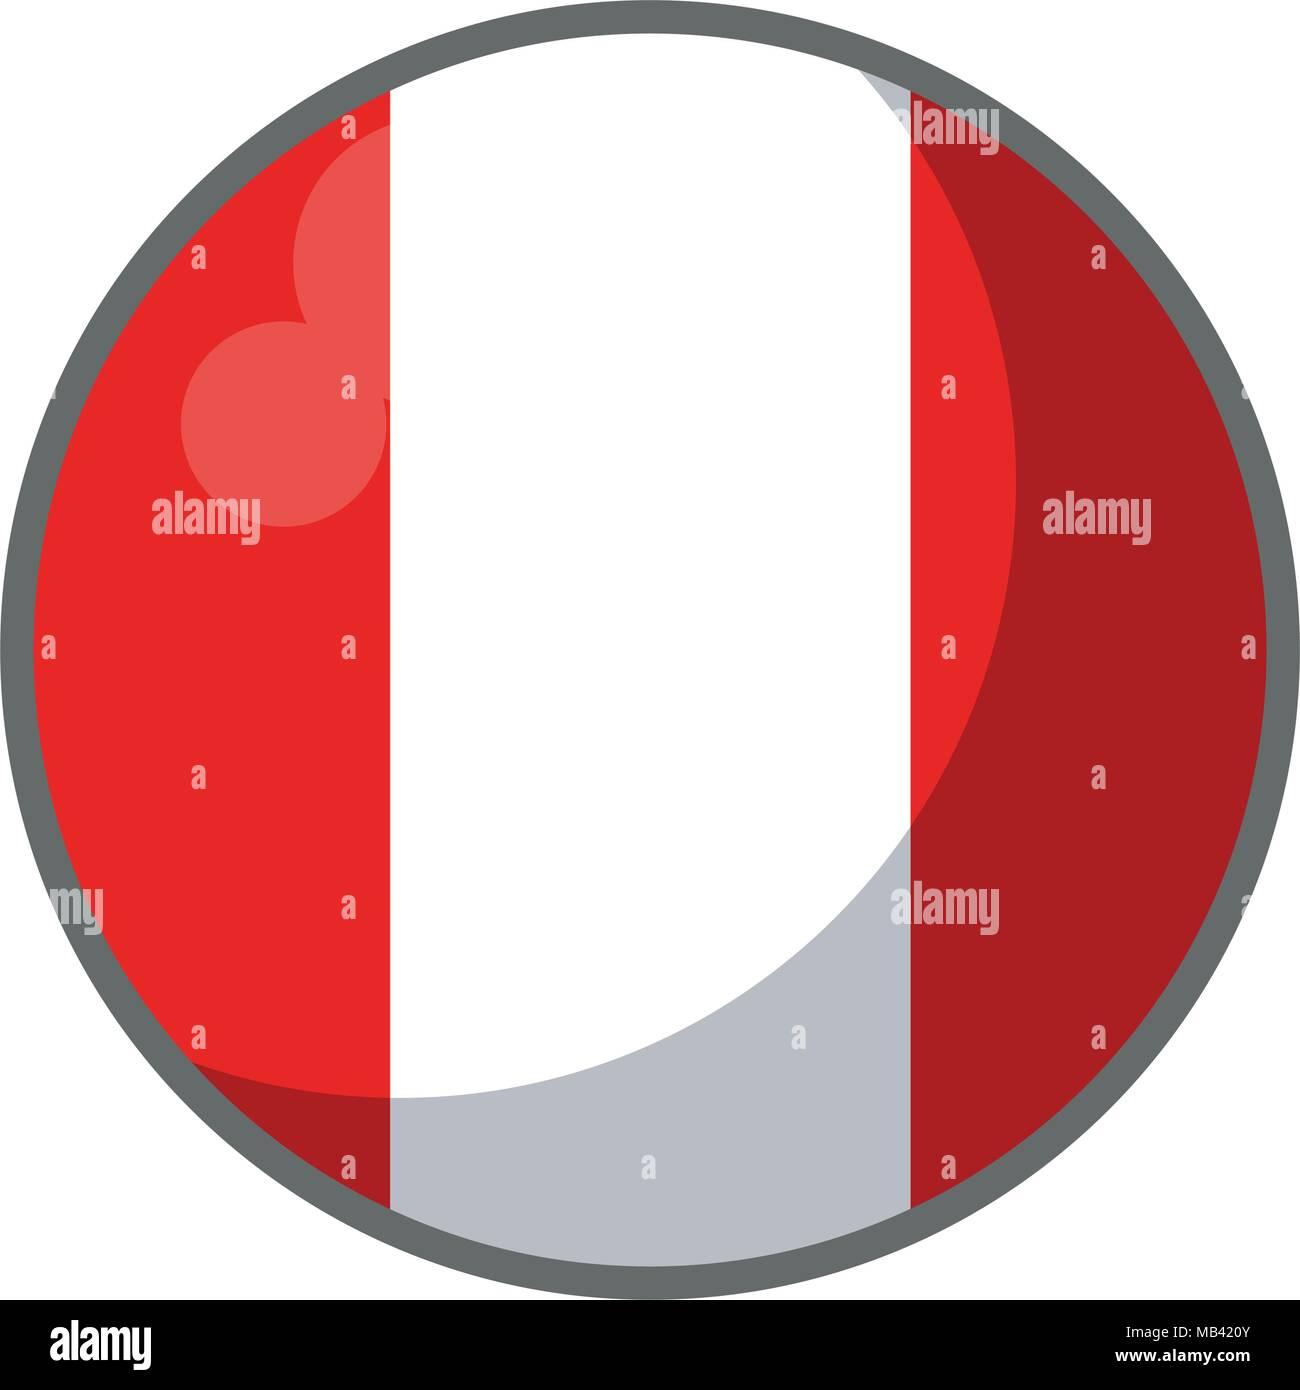 Drapeau Rond pérou drapeau rond vecteurs et illustration, image vectorielle